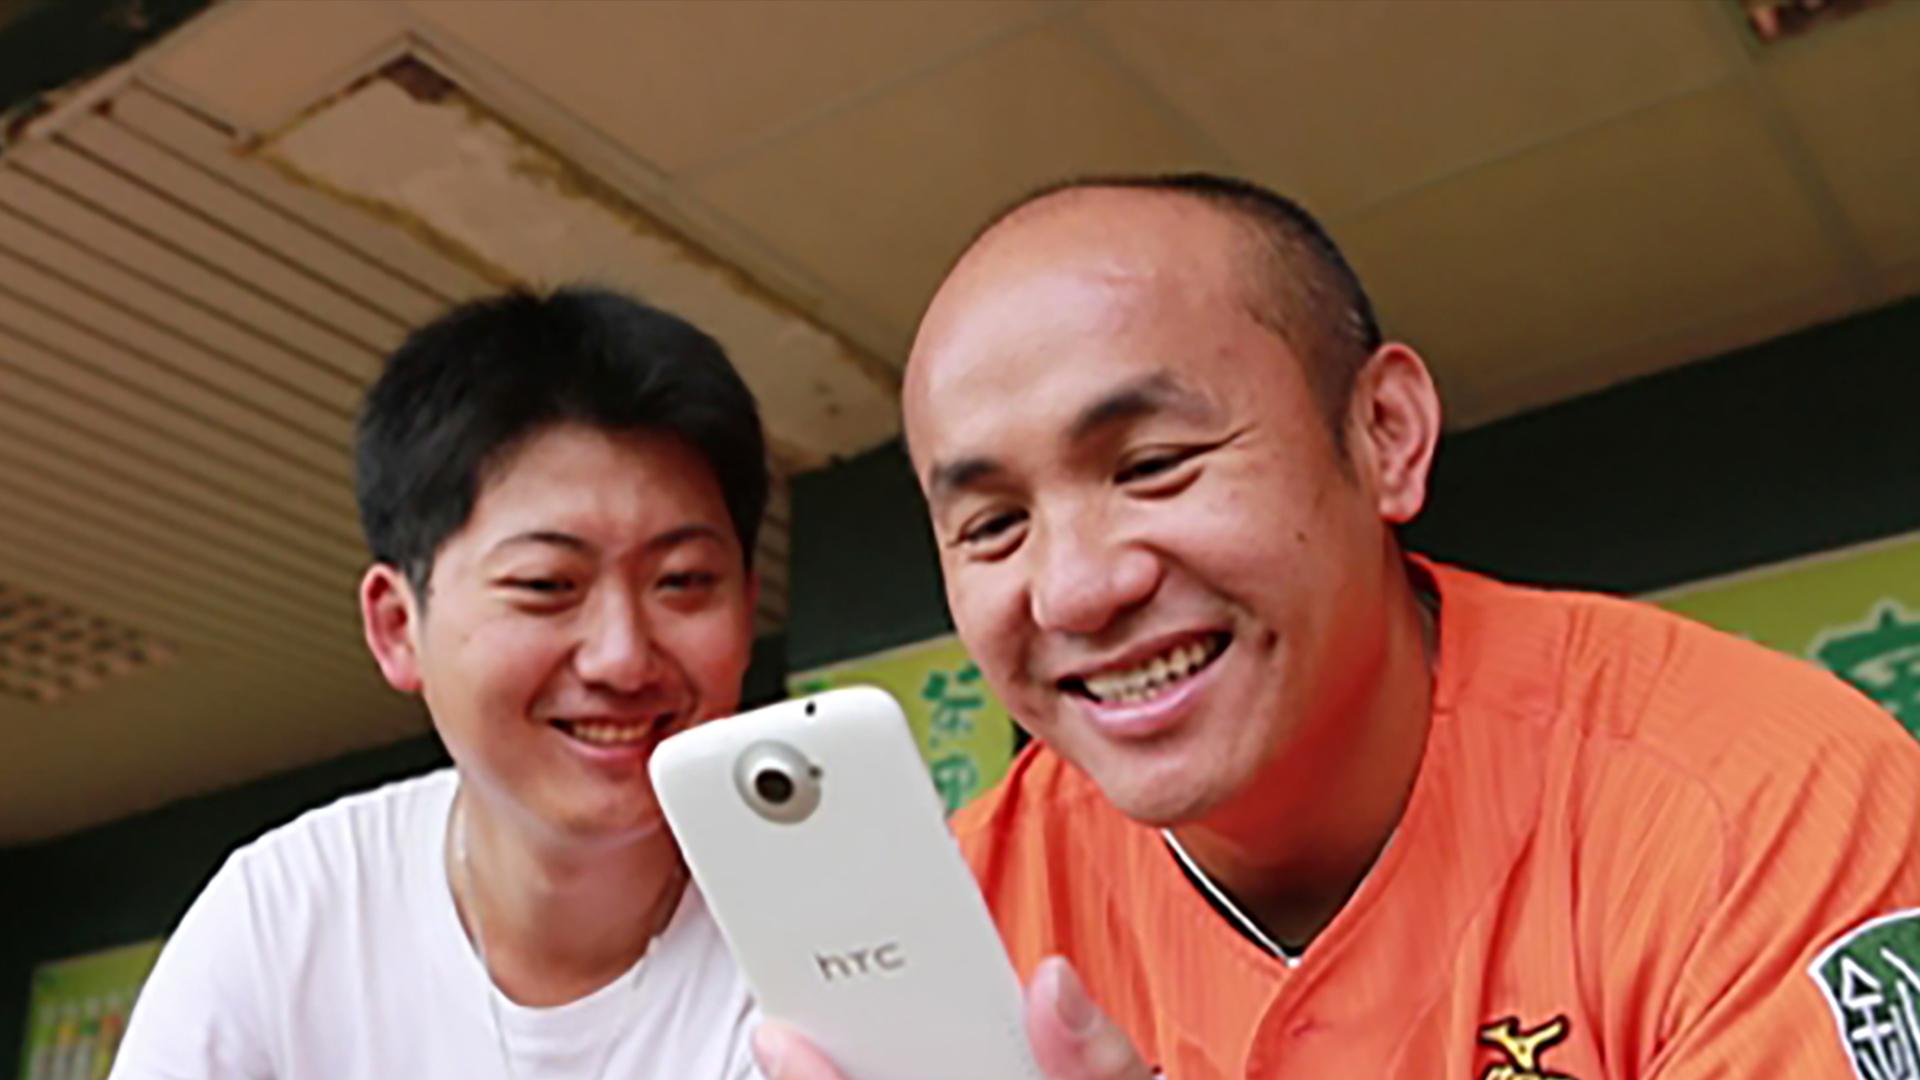 HTC 名人堂 –张泰山